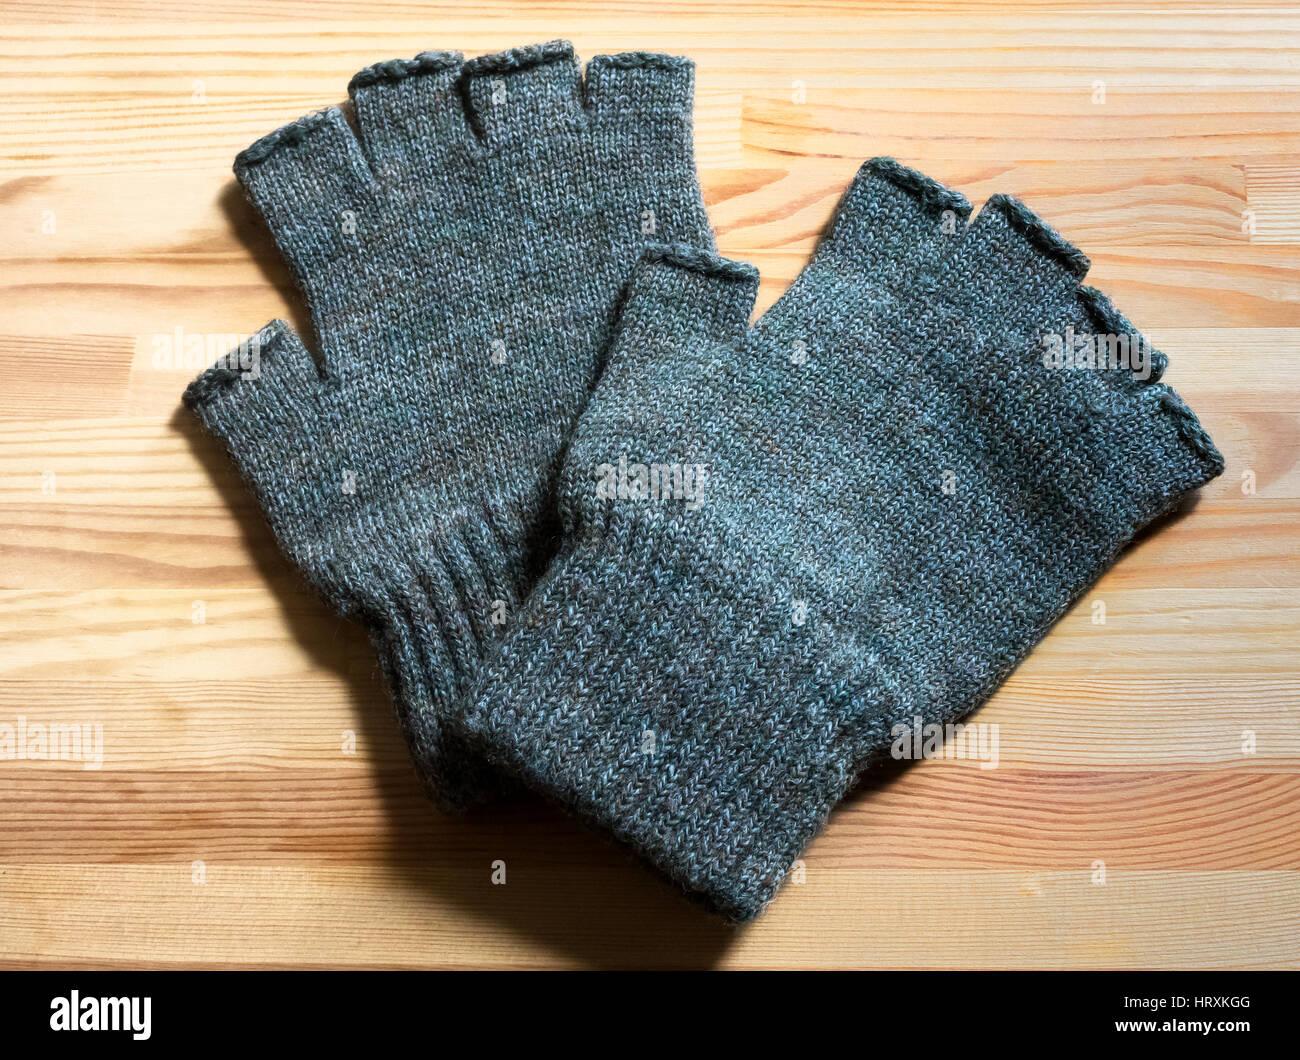 fingerless woolen gloves - Stock Image